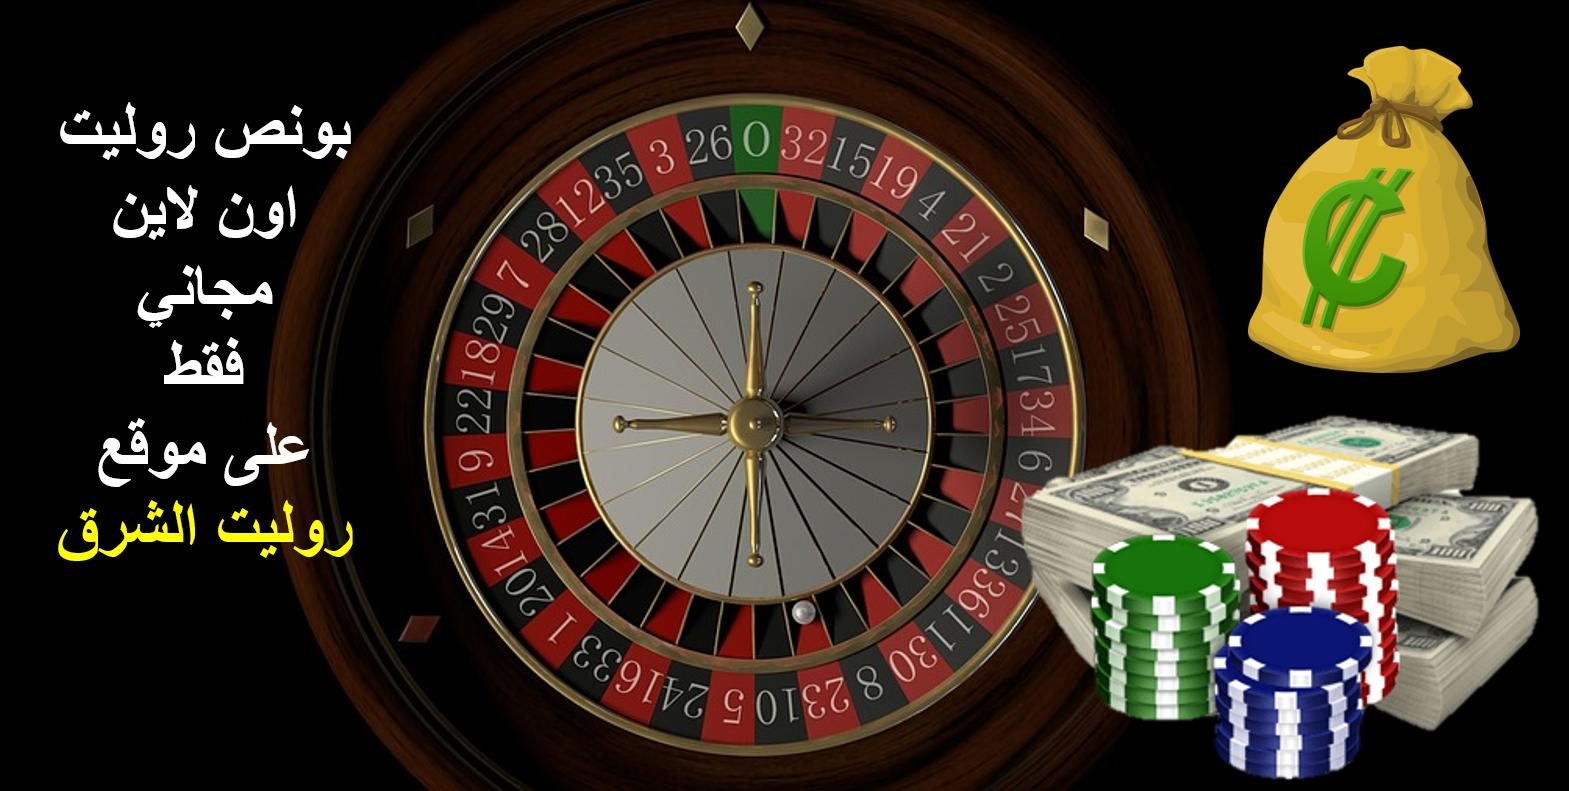 لعبة 510590